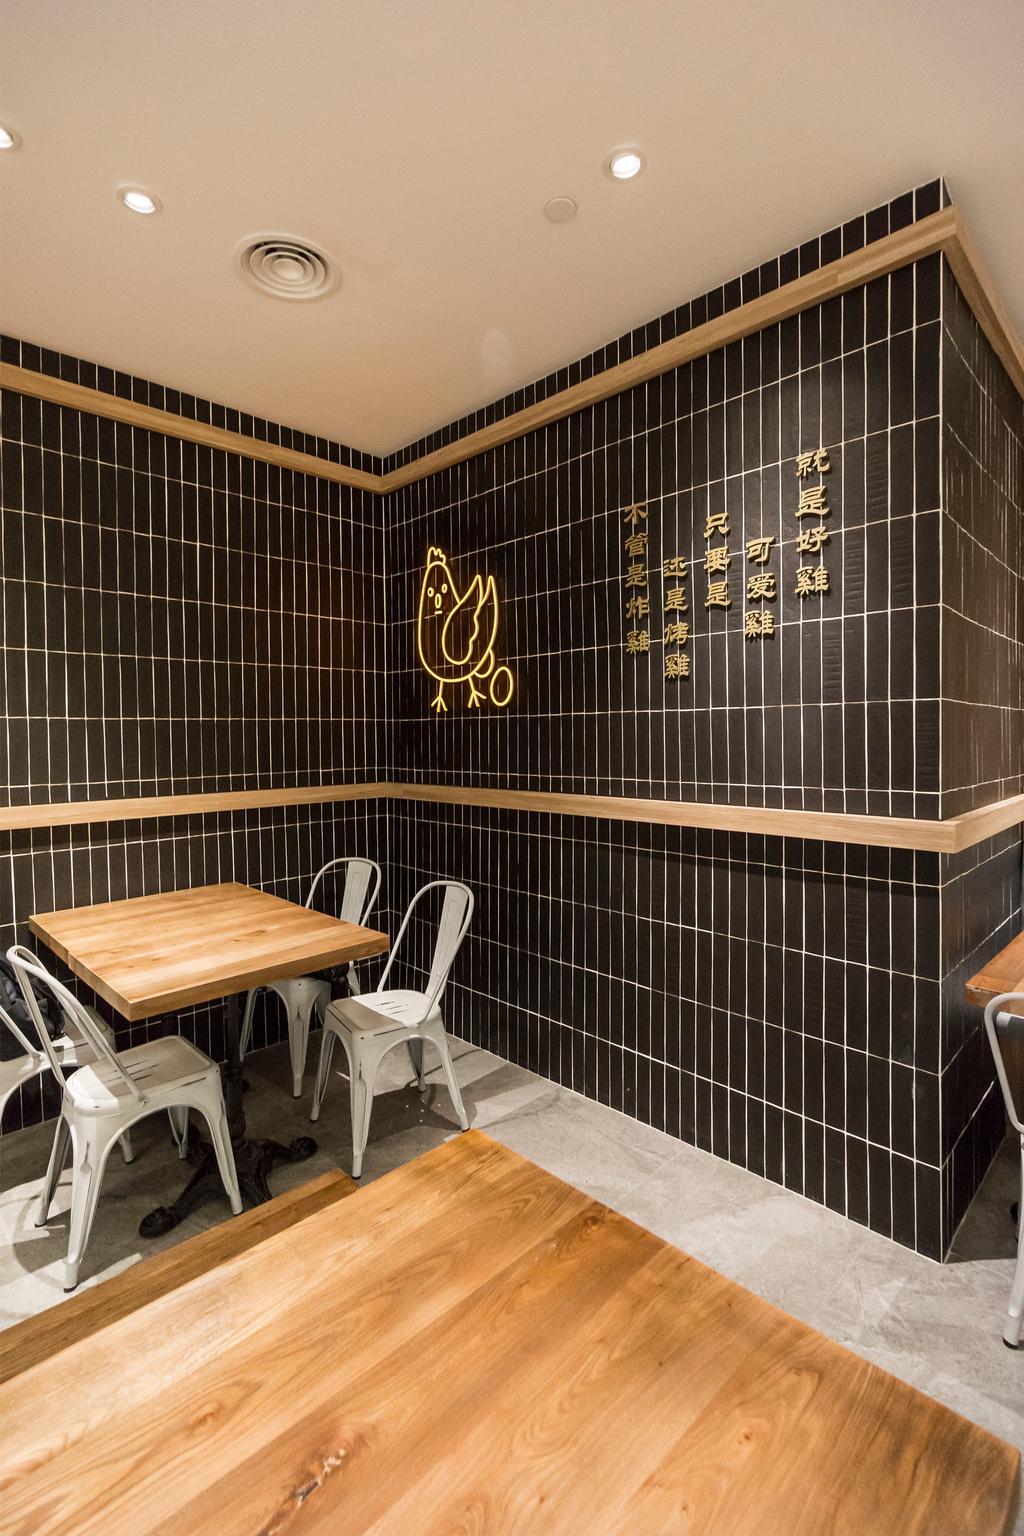 Sengkang West Avenue, Commercial, Interior Designer, Flo Design, Contemporary